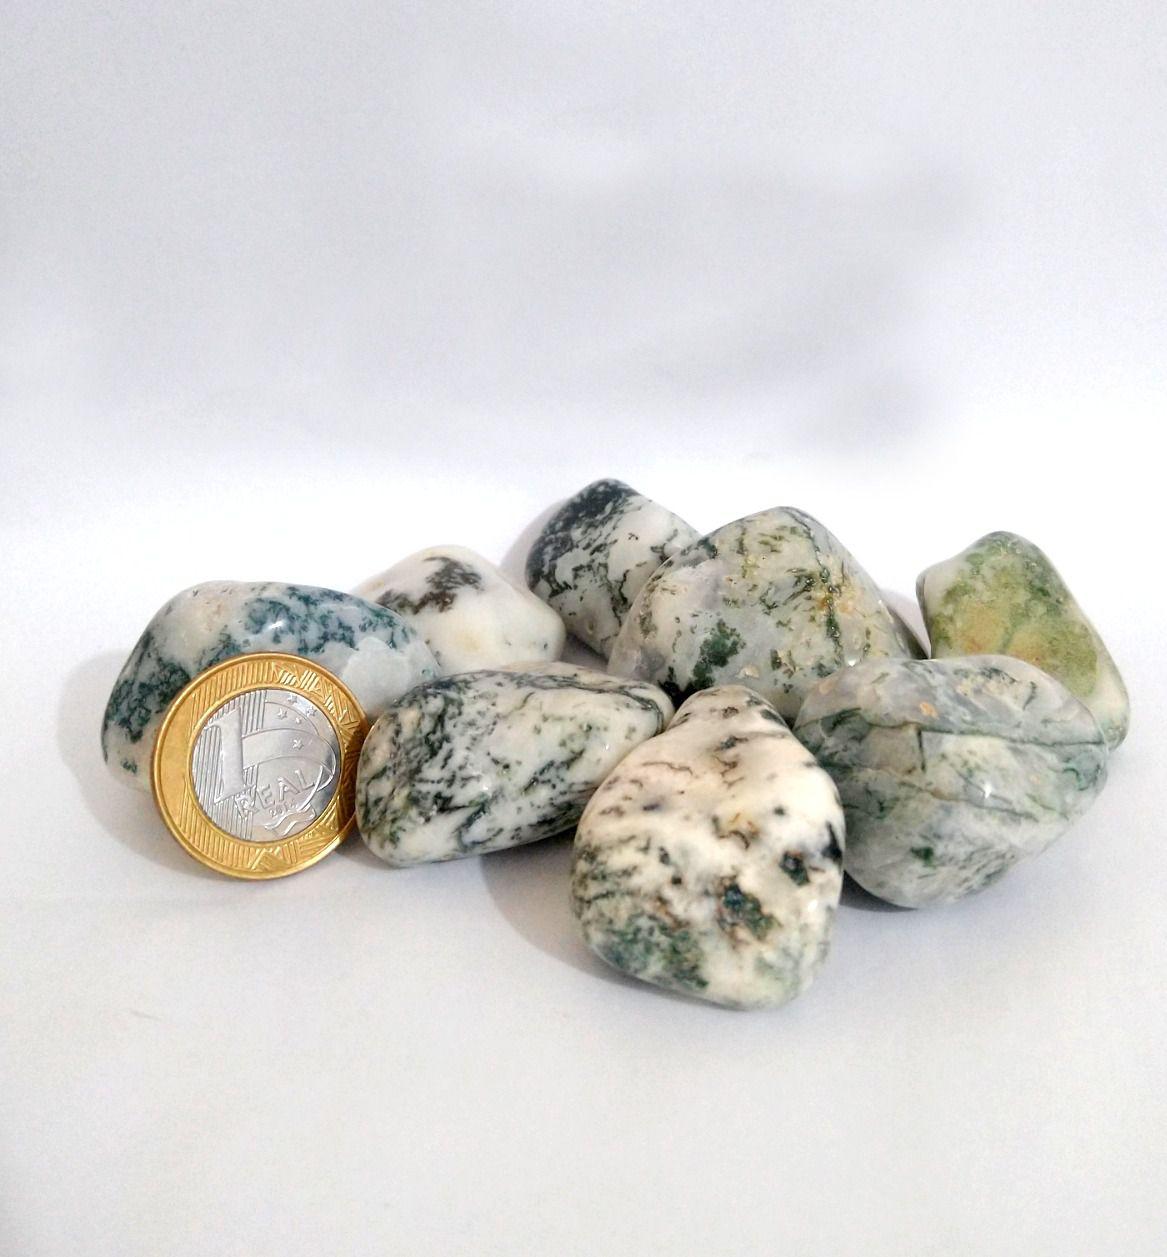 Ágata Musgo - Rolado - 3 a 4 cm